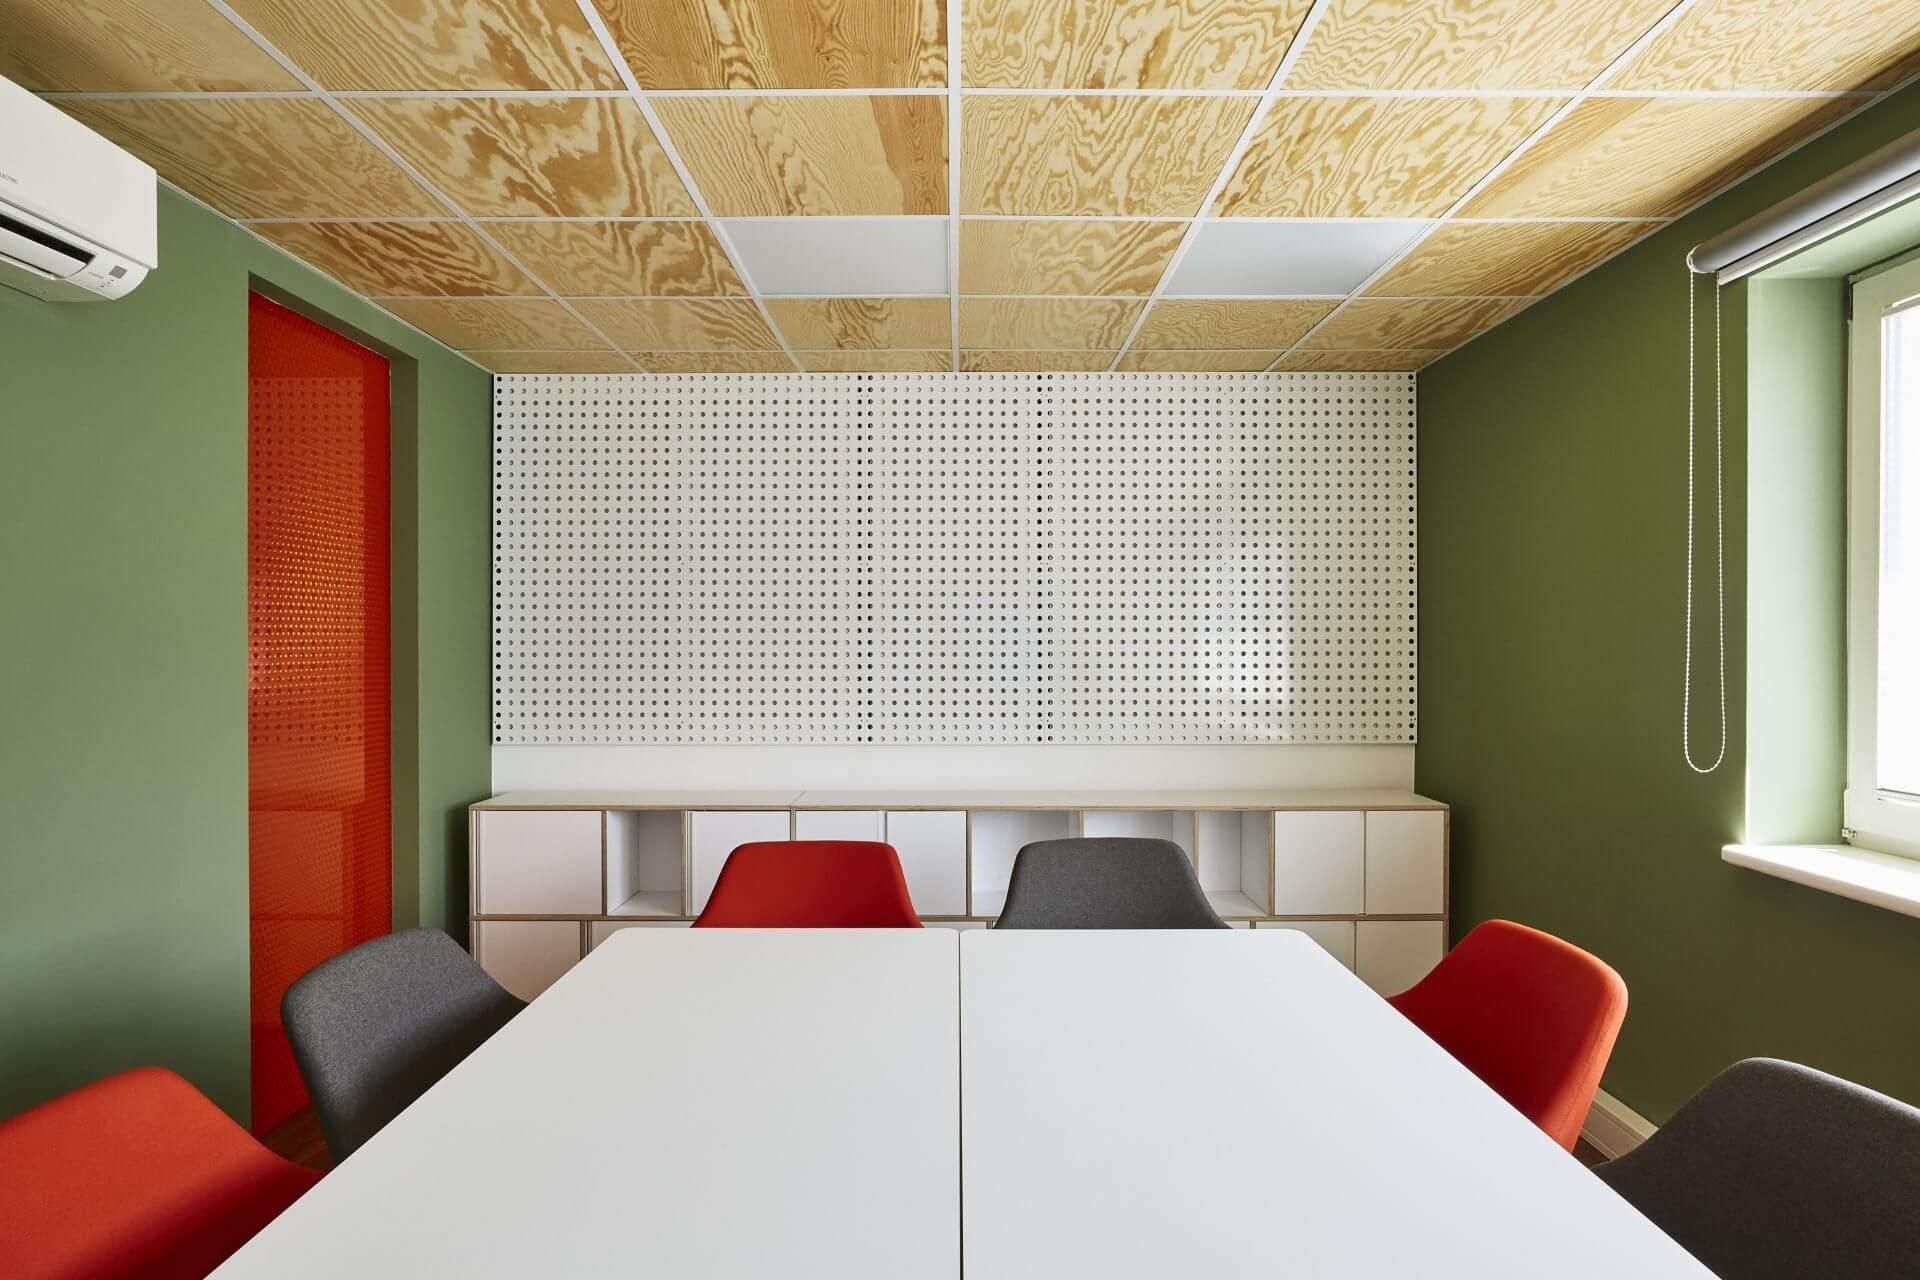 vbc-office-lucy-d_jens-preusse_06